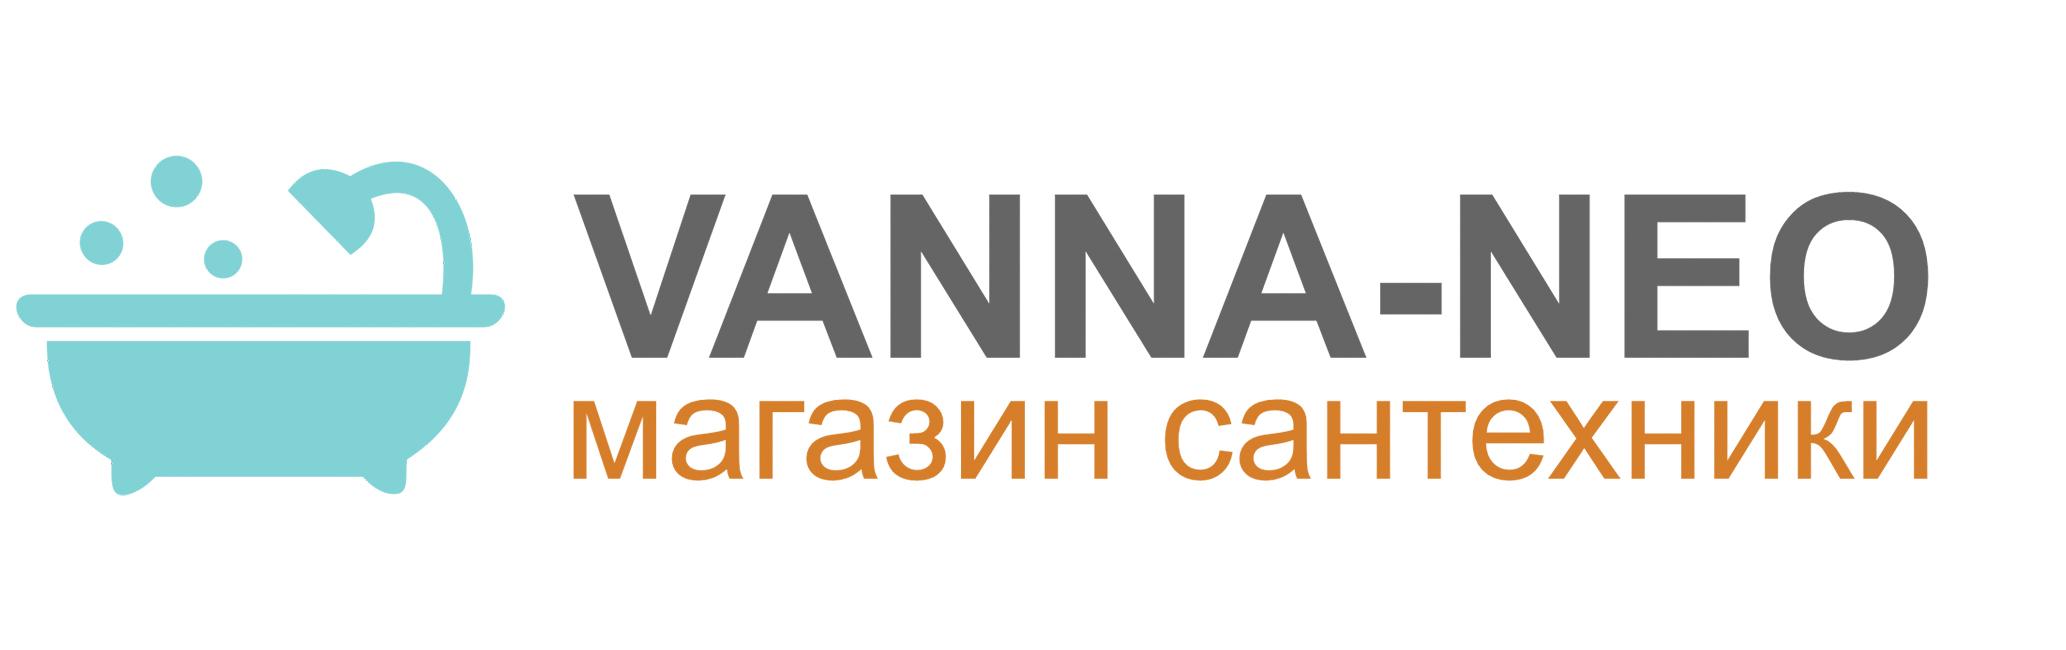 VANNA-NEO